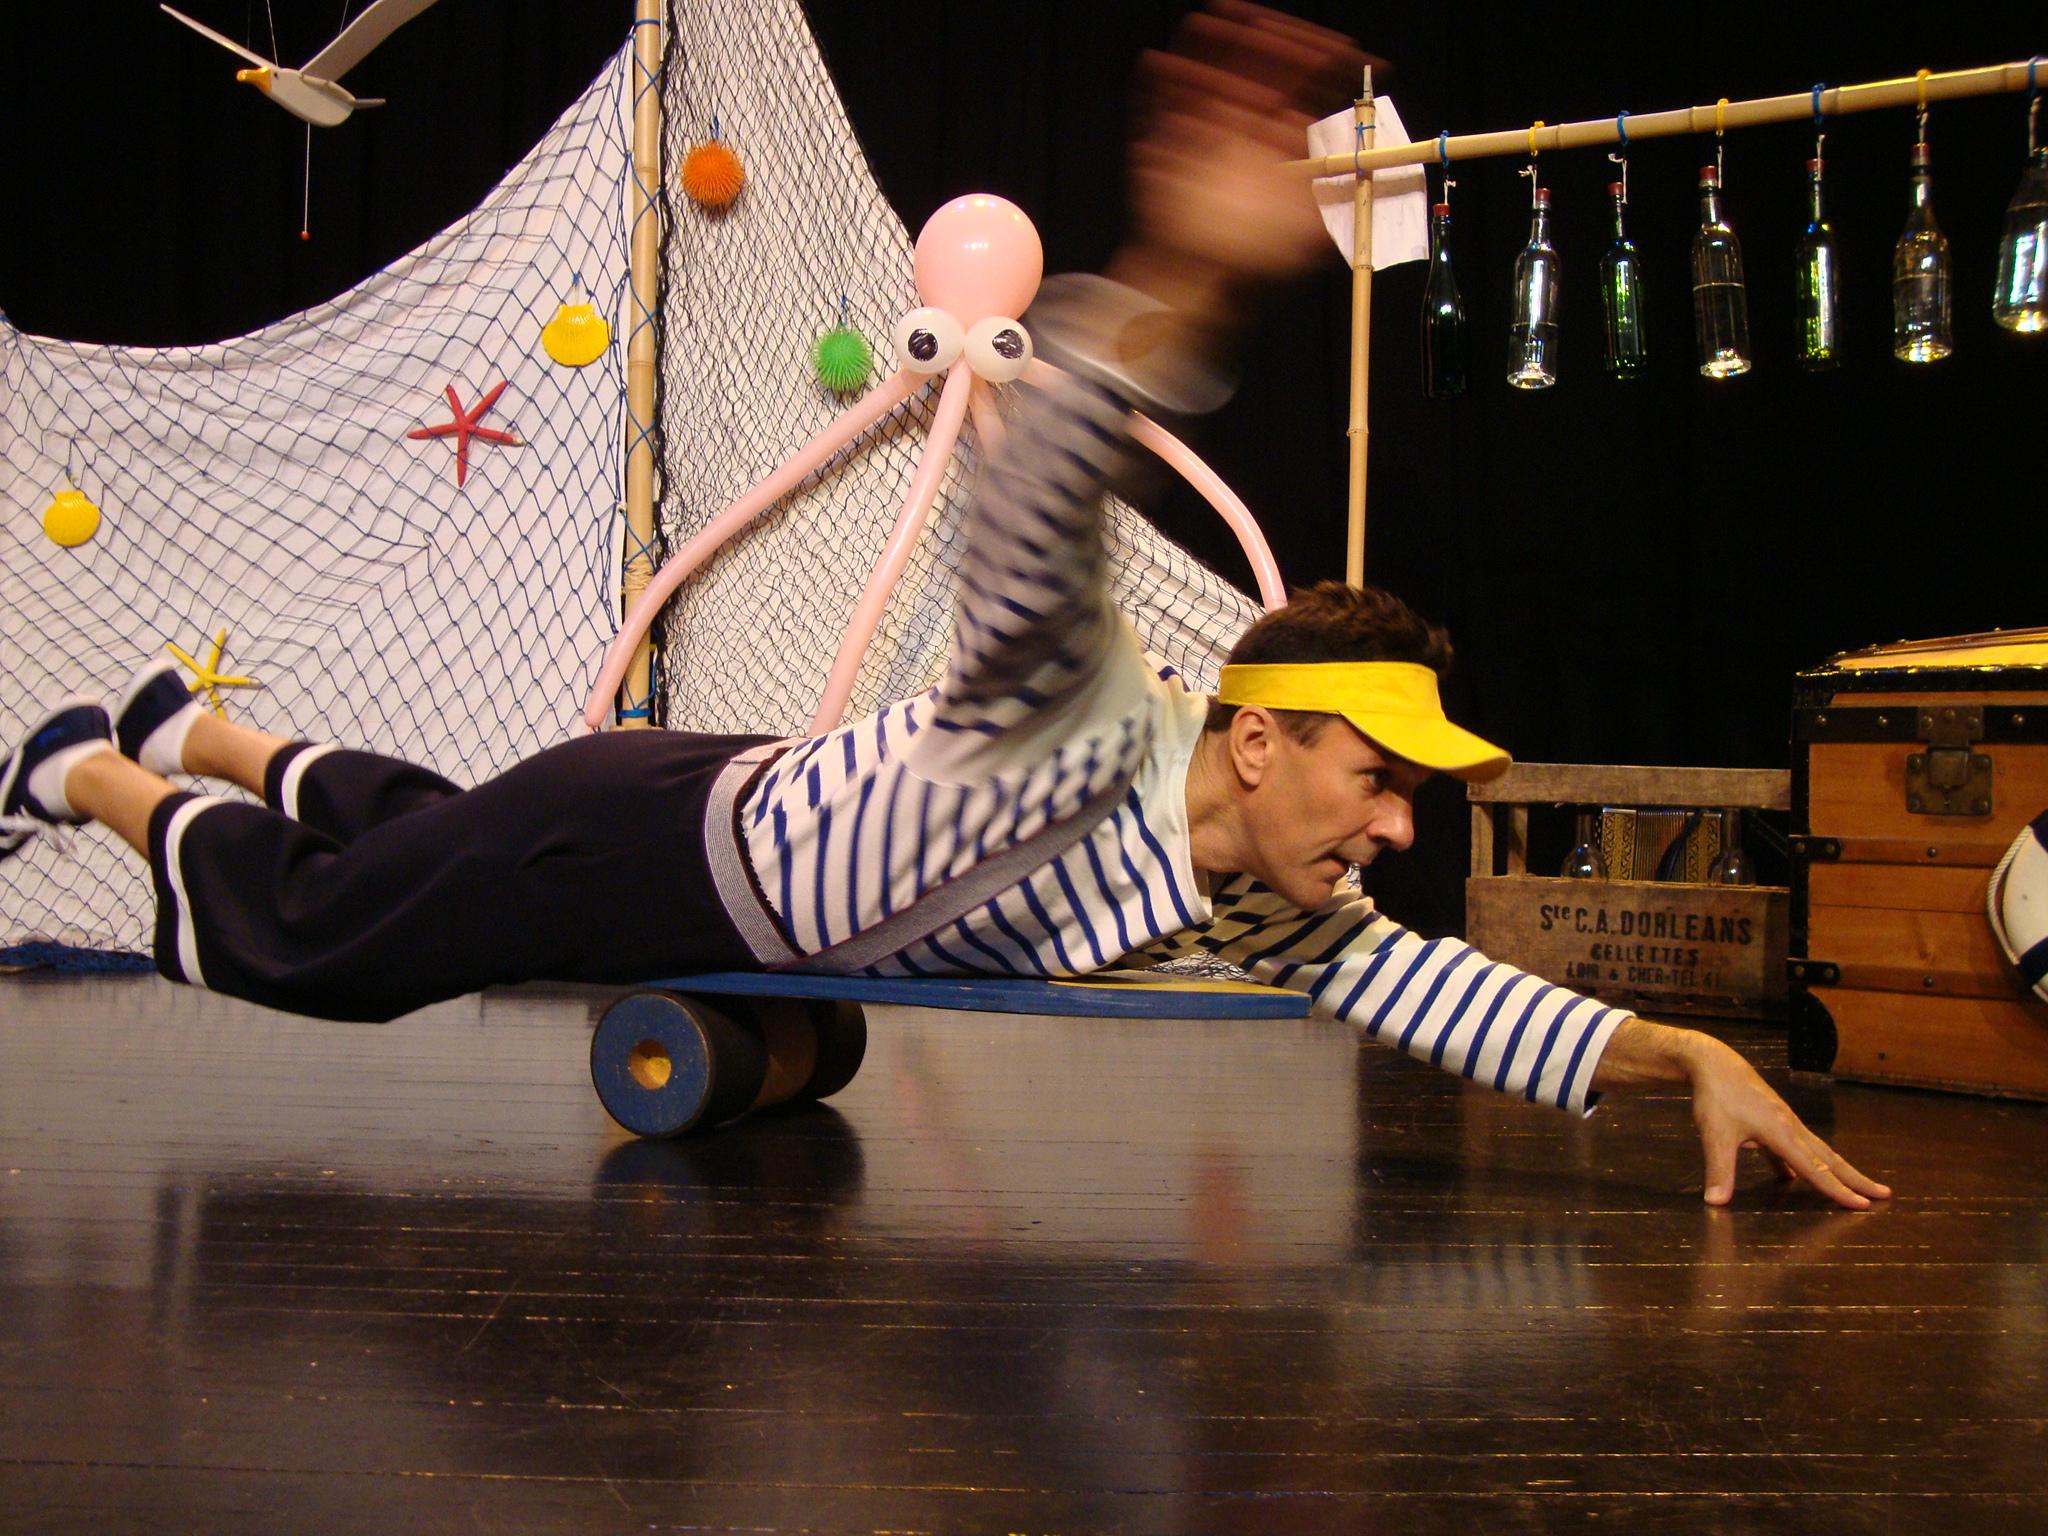 Marin qui surfe à plat ventre sur une planche de rouleau américain Cirkonflex